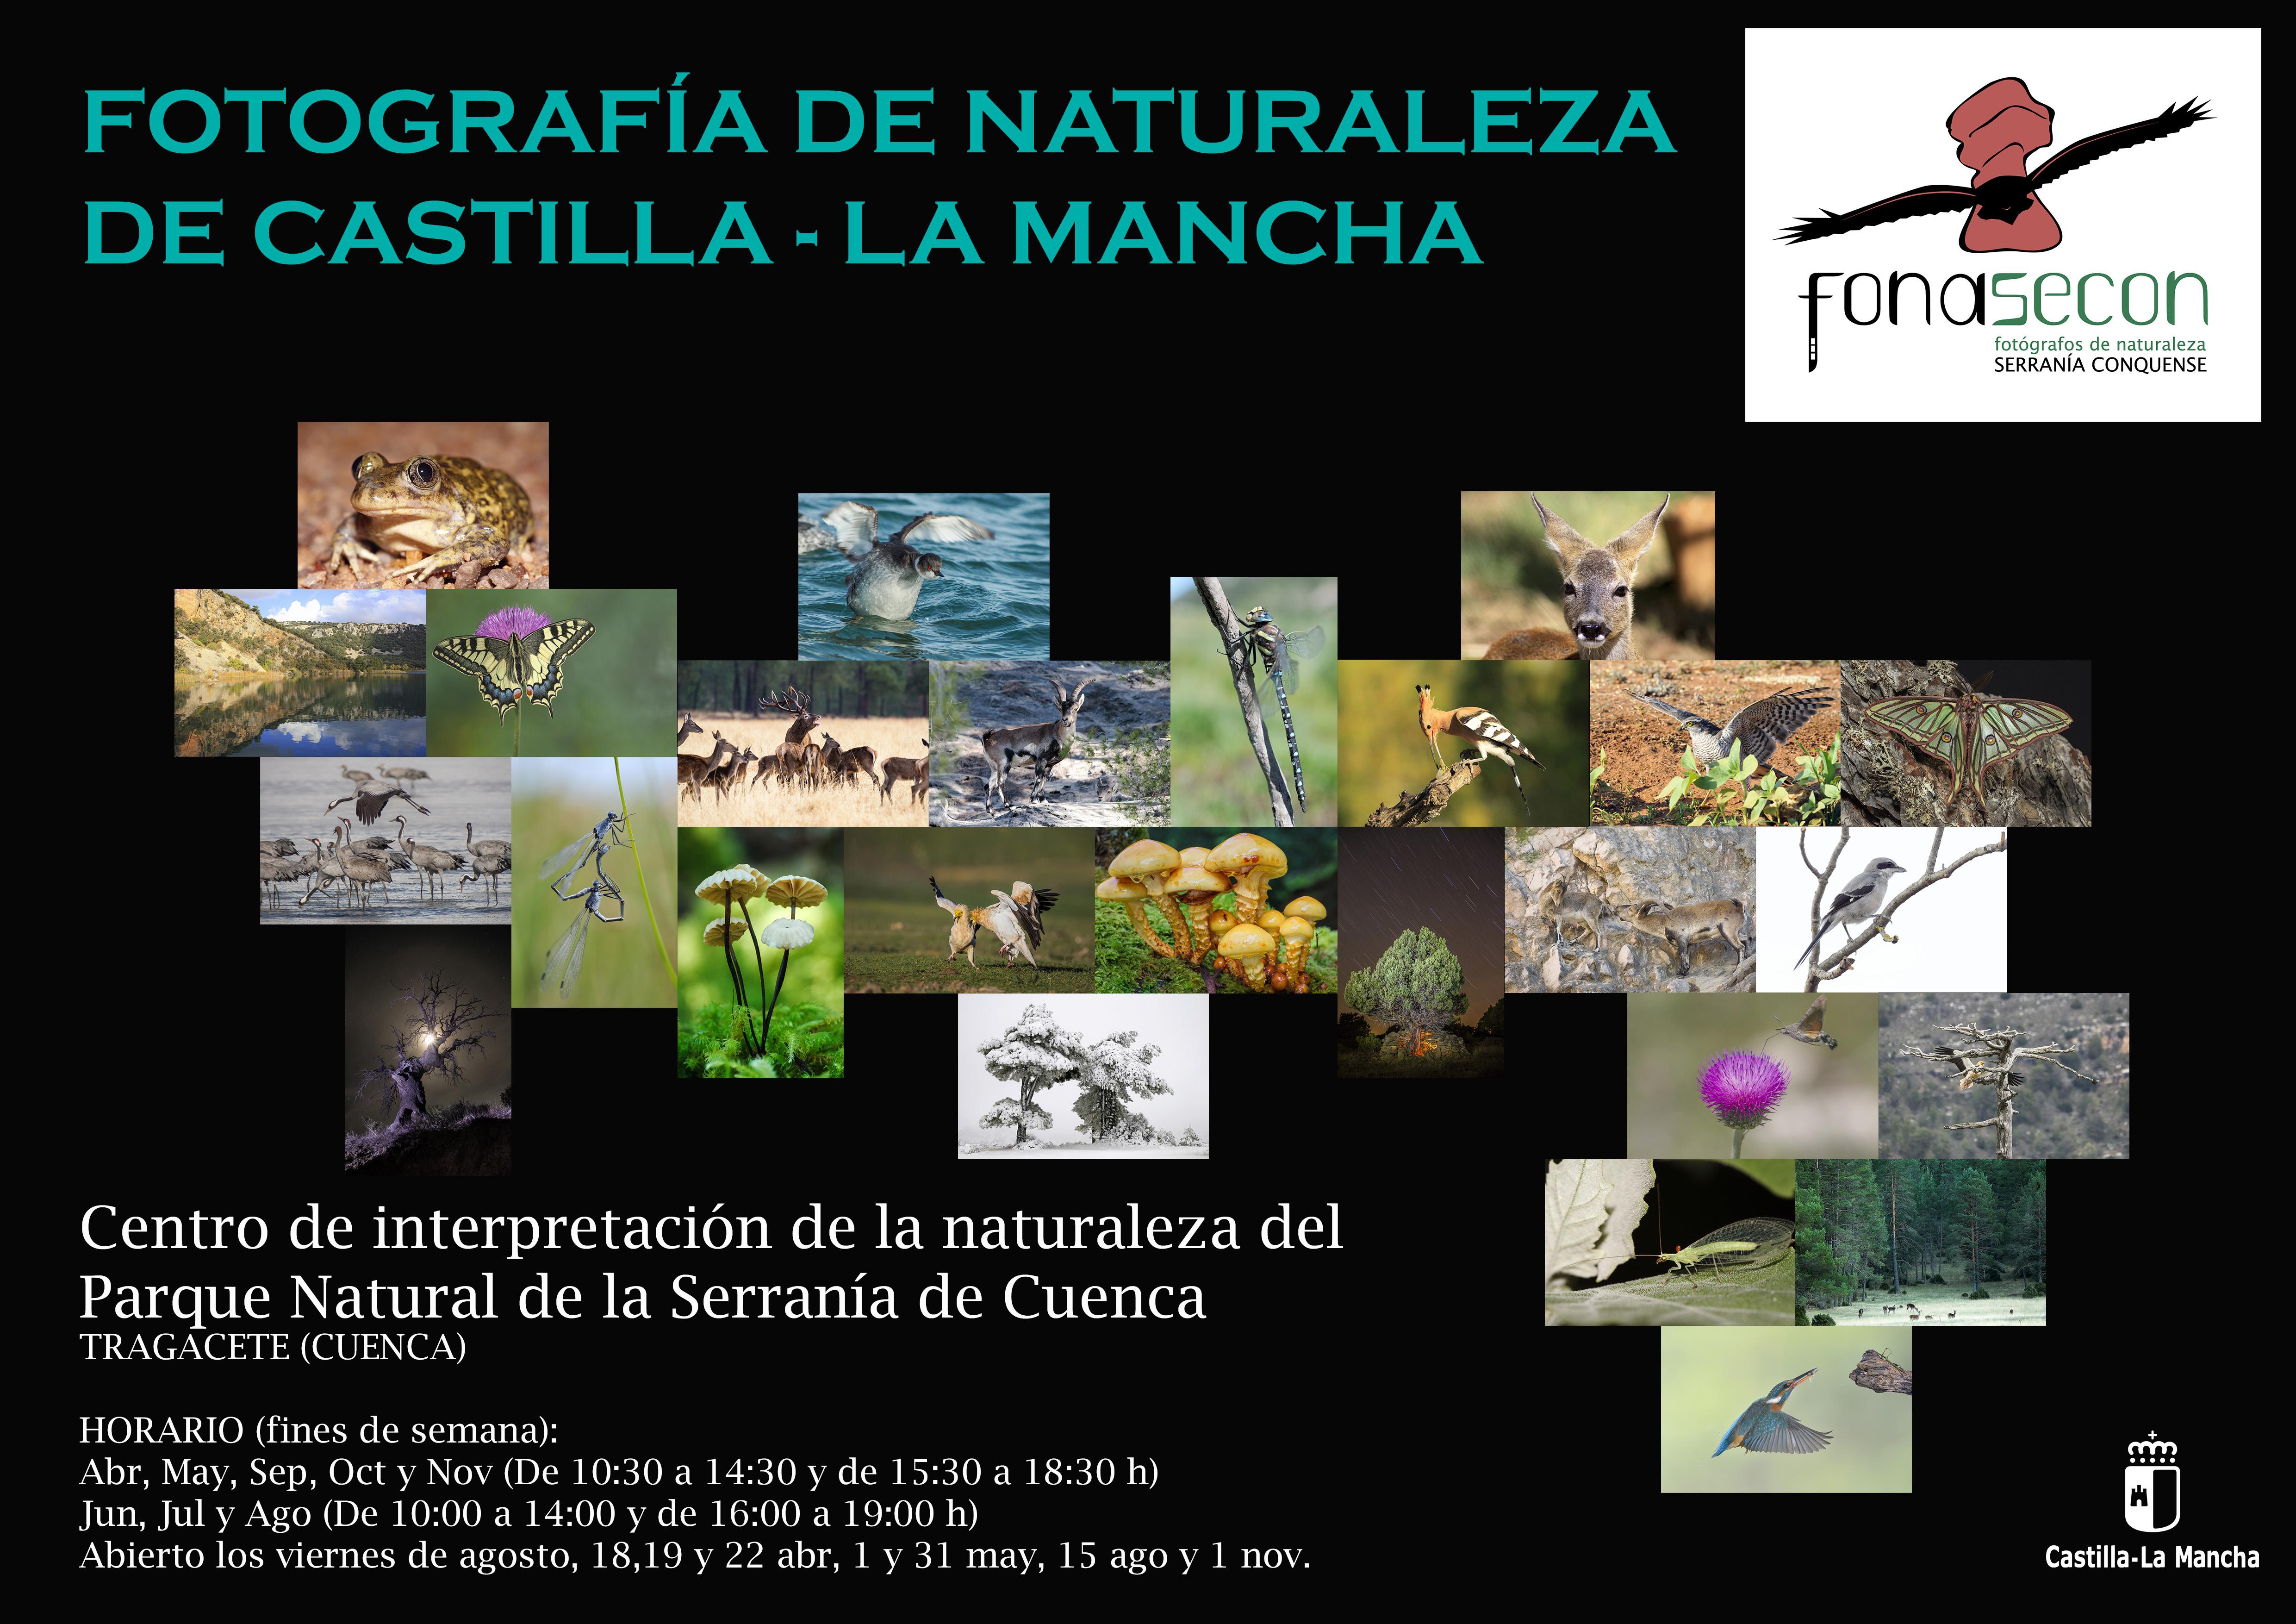 CARTEL EXPOSICION FOTOGRAFICA CASTILLA-LA MANCHA AL NATURAL